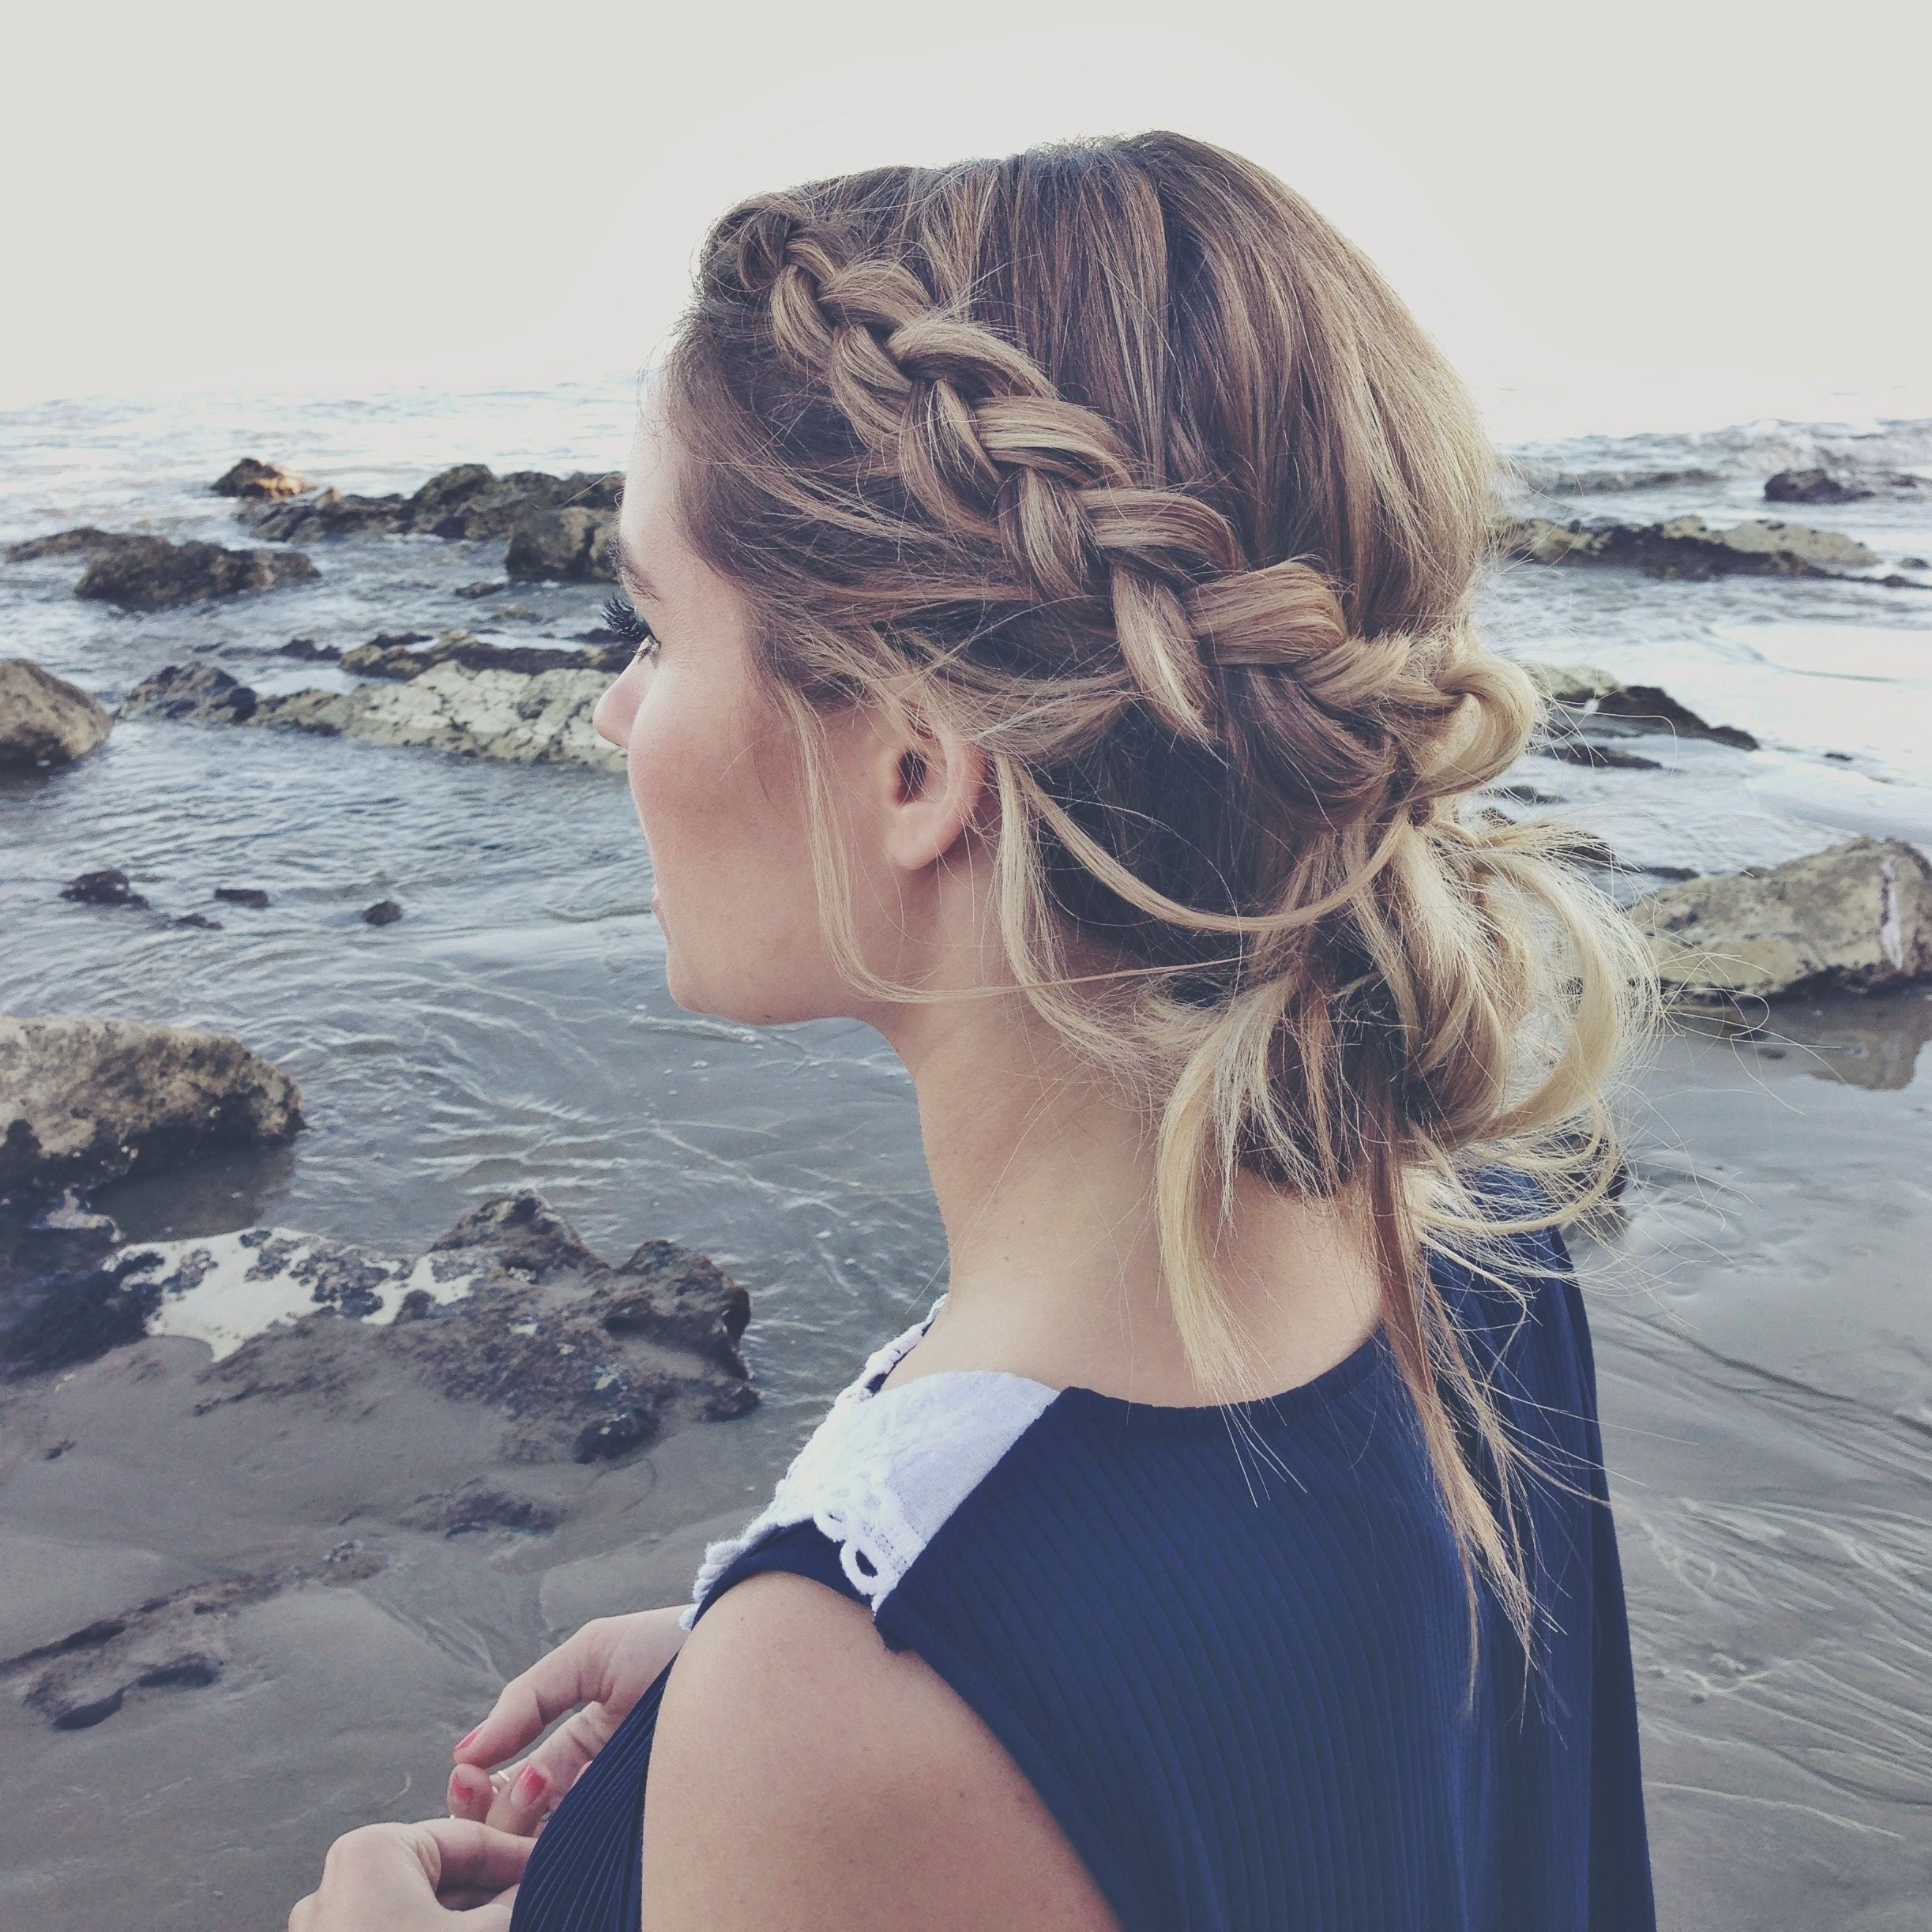 Beach braid ideas pinterest beach braids kristin ess and beach